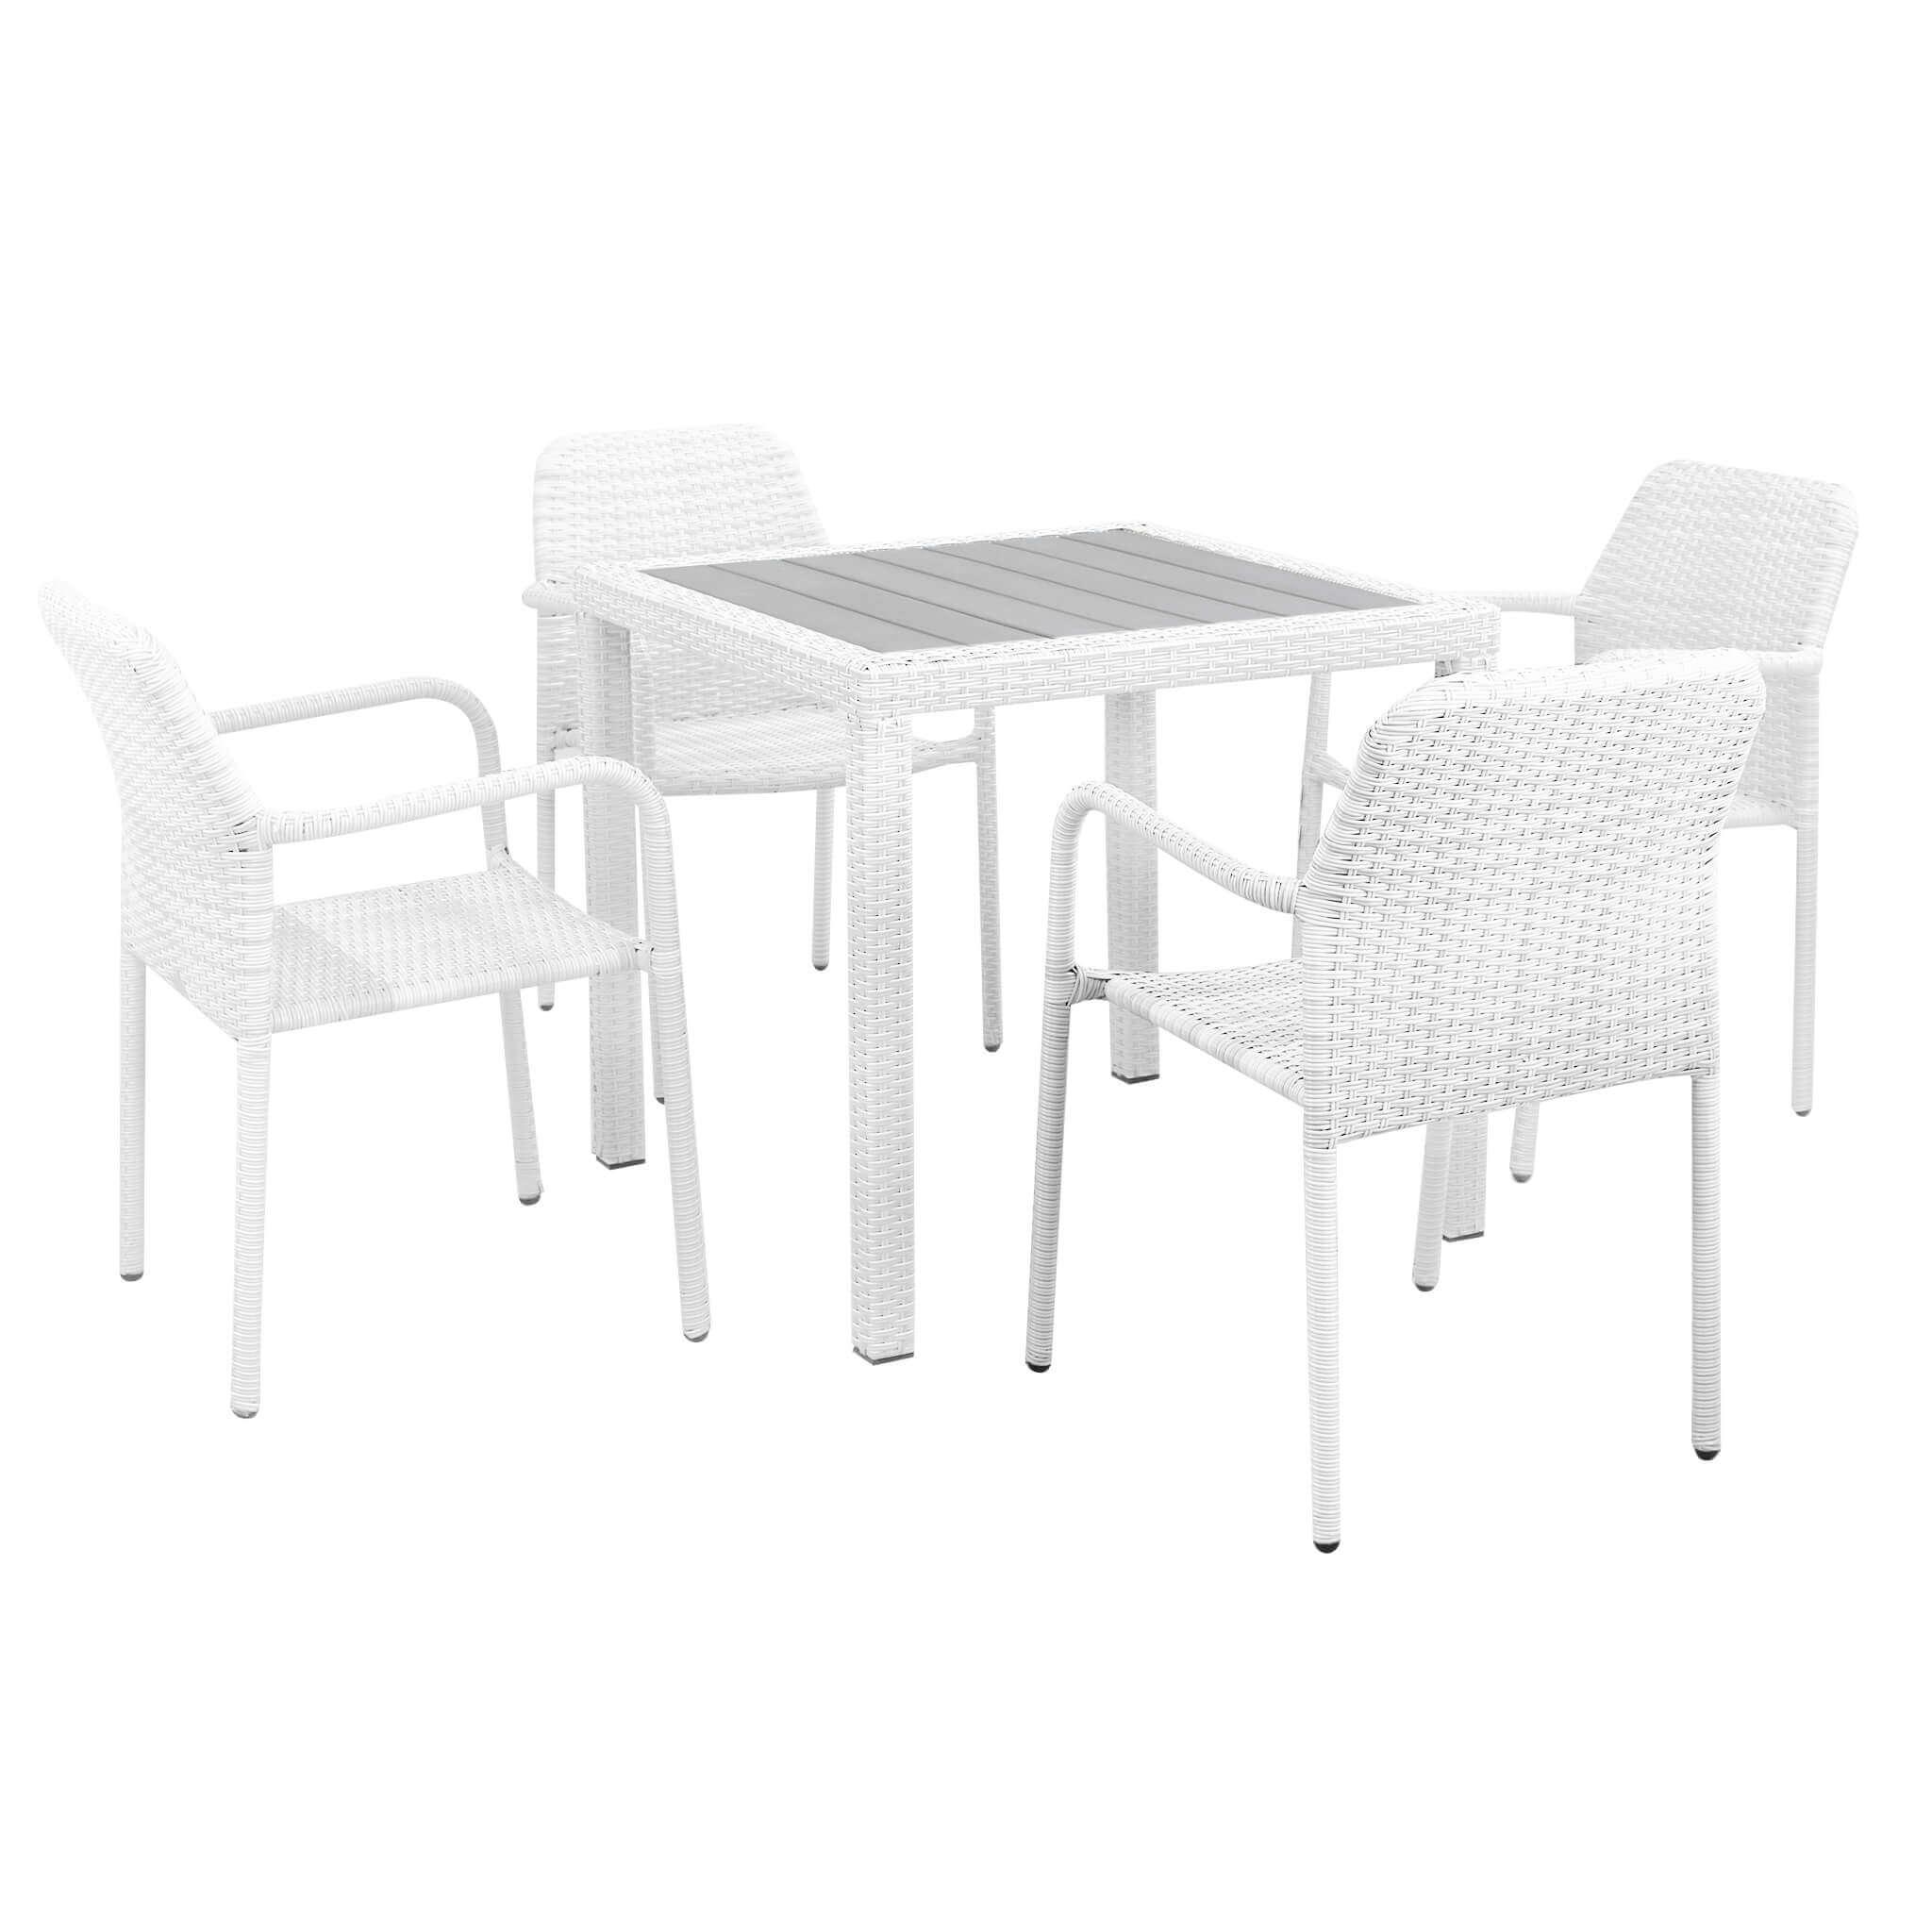 Milani Home AXOR - set tavolo da giardino con piano in polywood 80 x 80 compreso di 4 poltrone intreccio in rattan sintetico